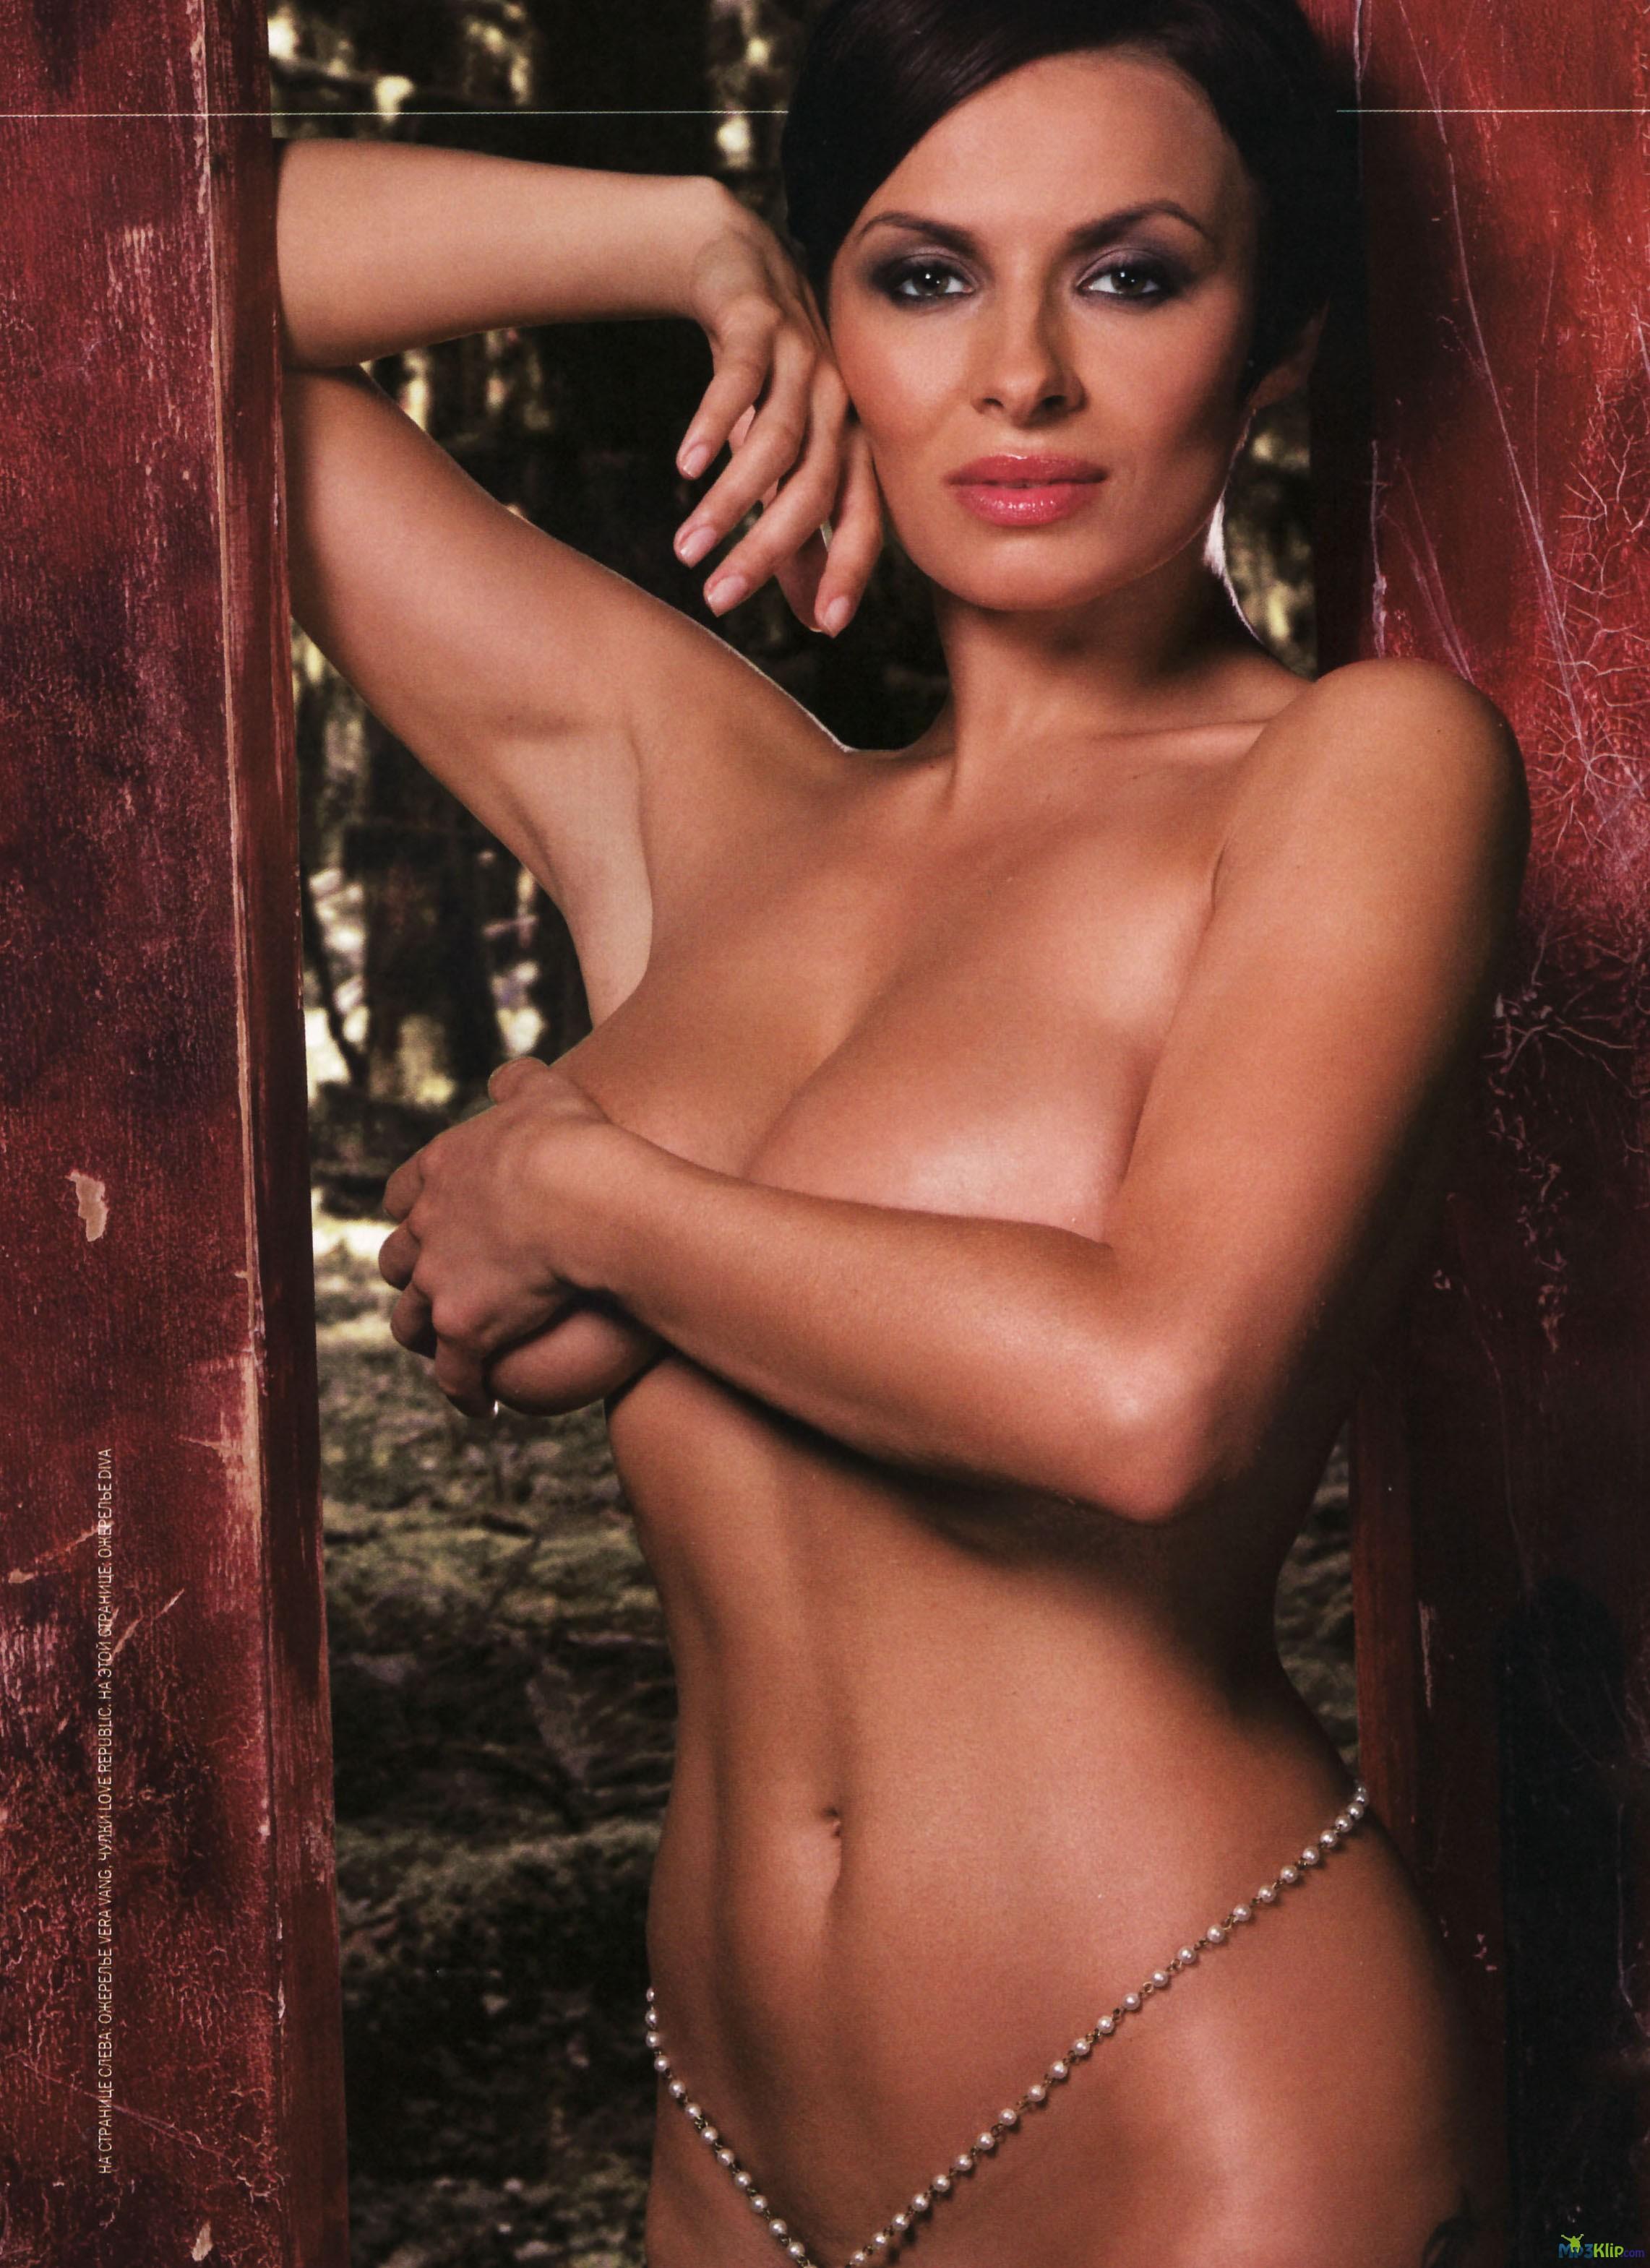 Фото голых актрис рф 8 фотография